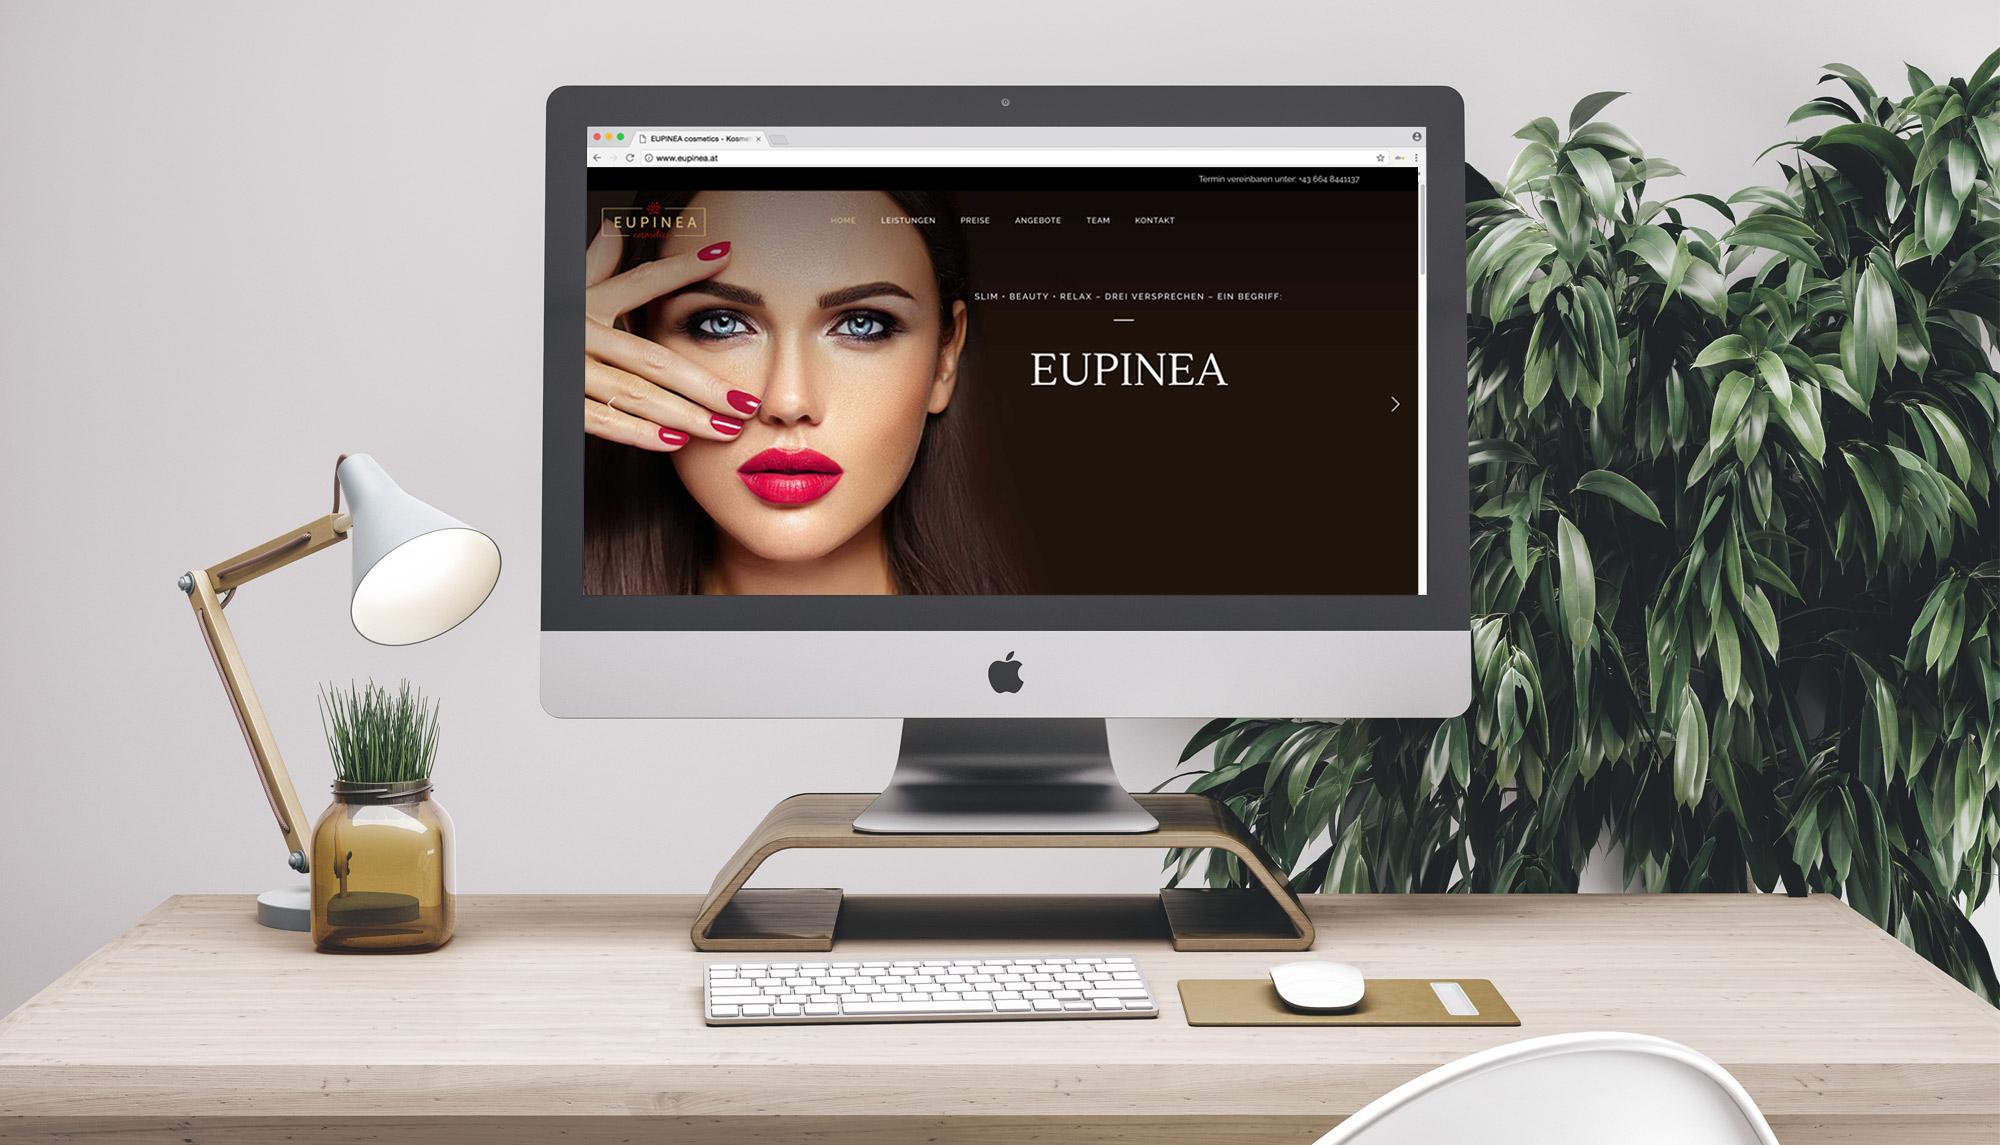 Eupinea Website Design